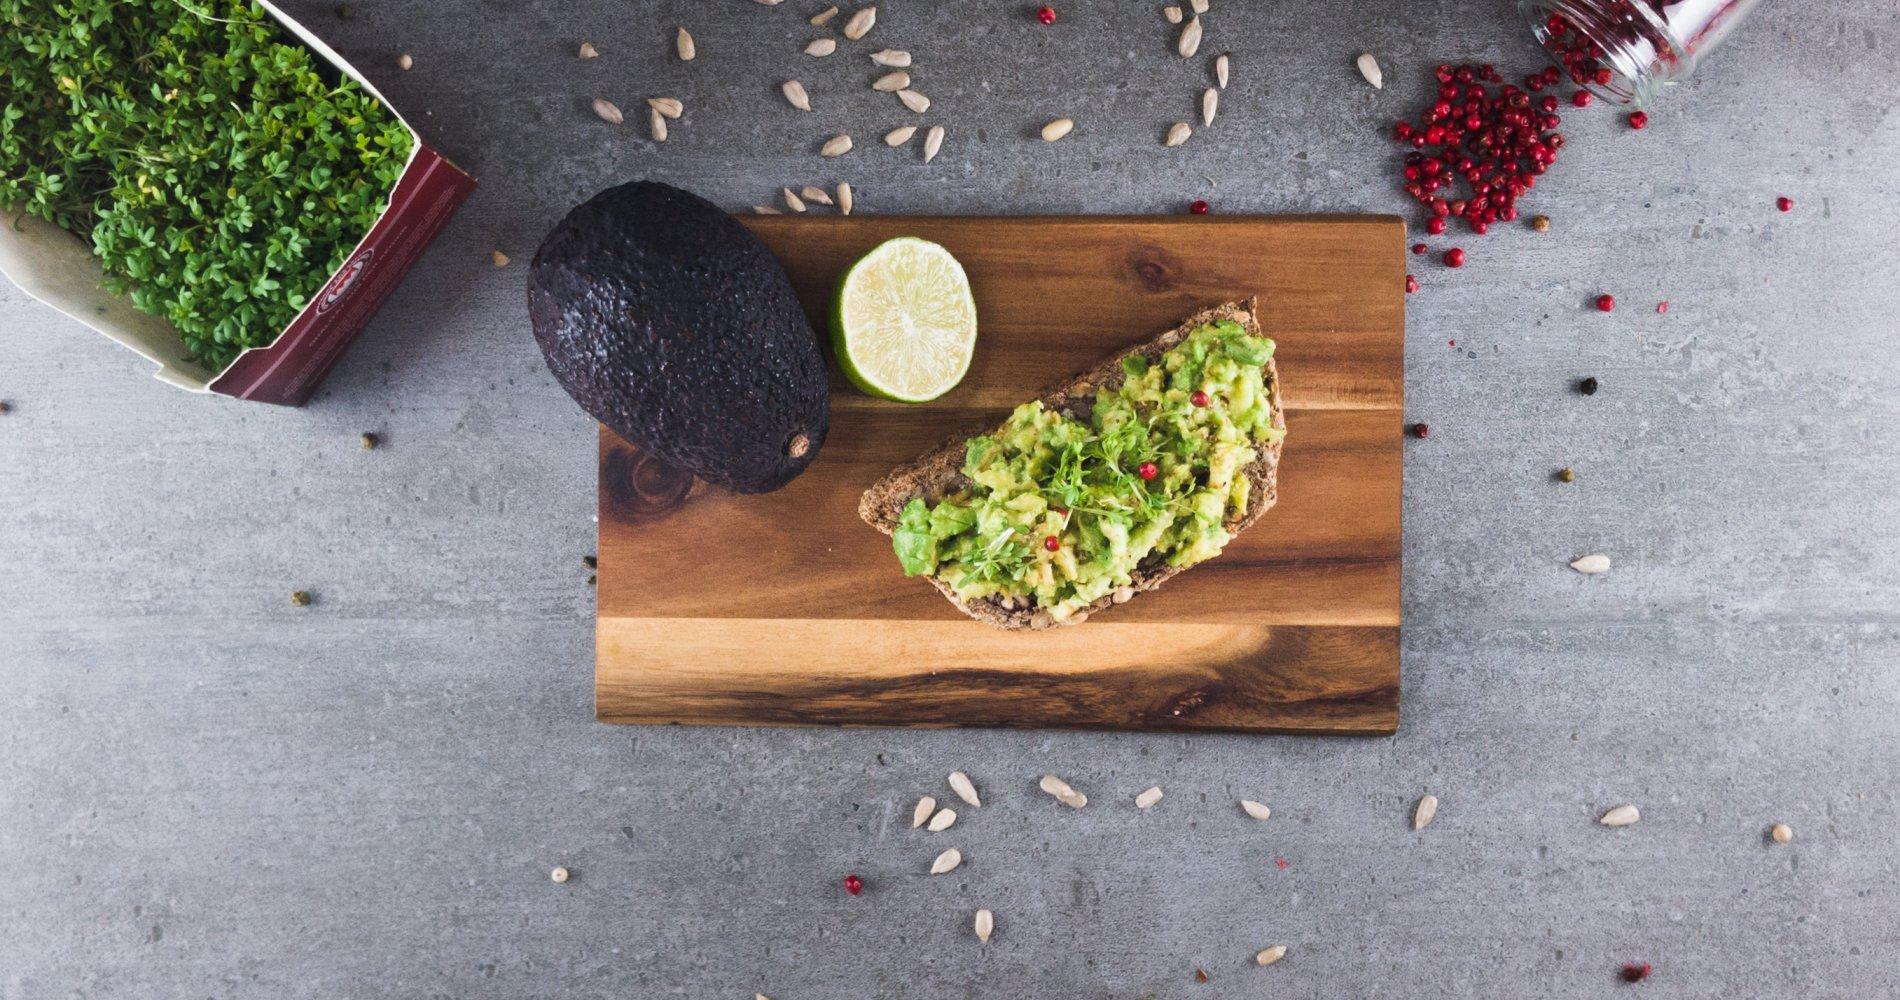 Rezept Low Carb: Scharfes Avocadobrot - LCHF-gesund.de